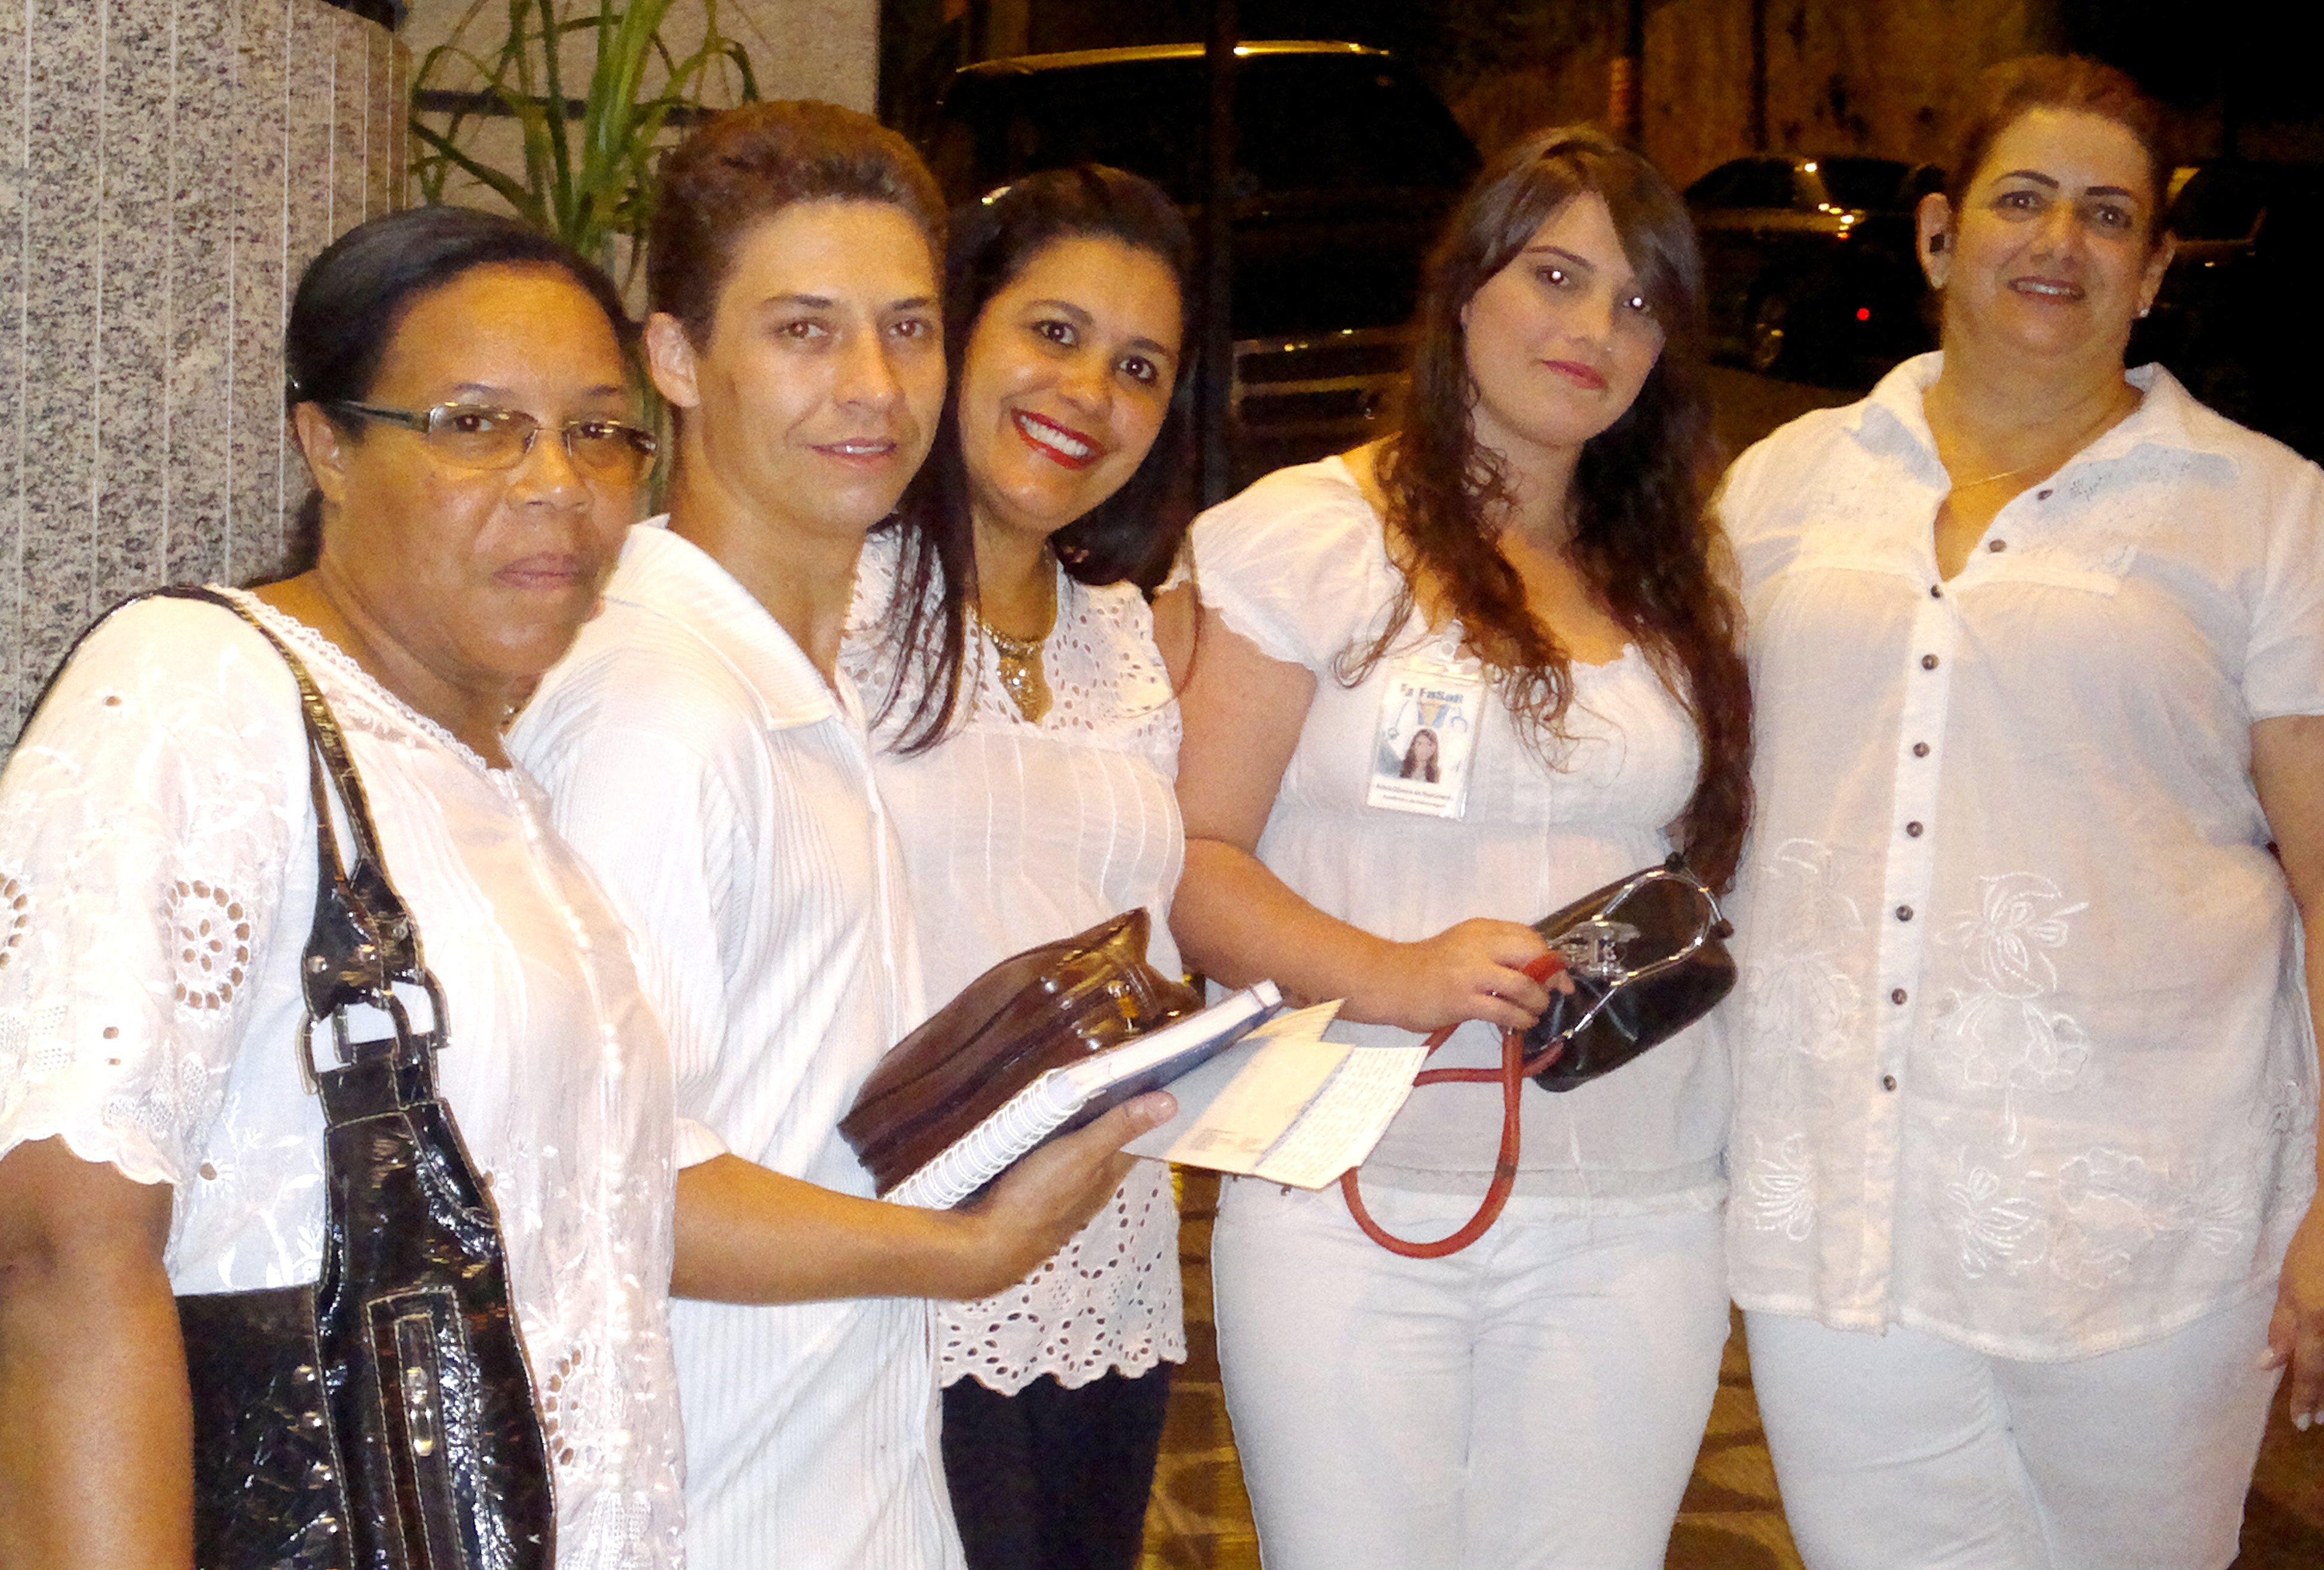 Alunos da FaSaR participam de evento realizado pelo Clube Dom Pedro II